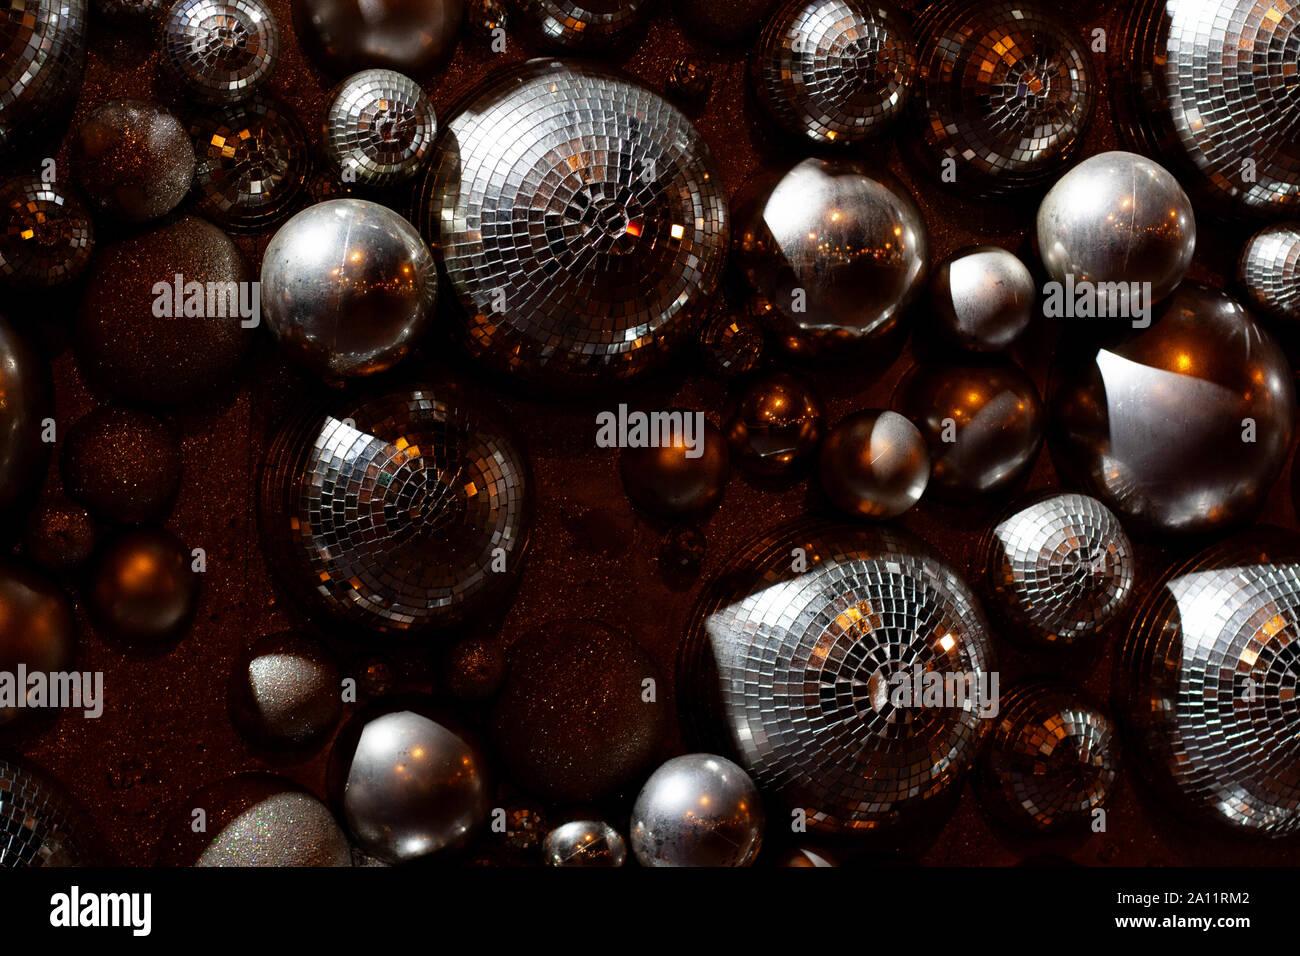 Plata bolas de discoteca composición con relucientes luces doradas Foto de stock